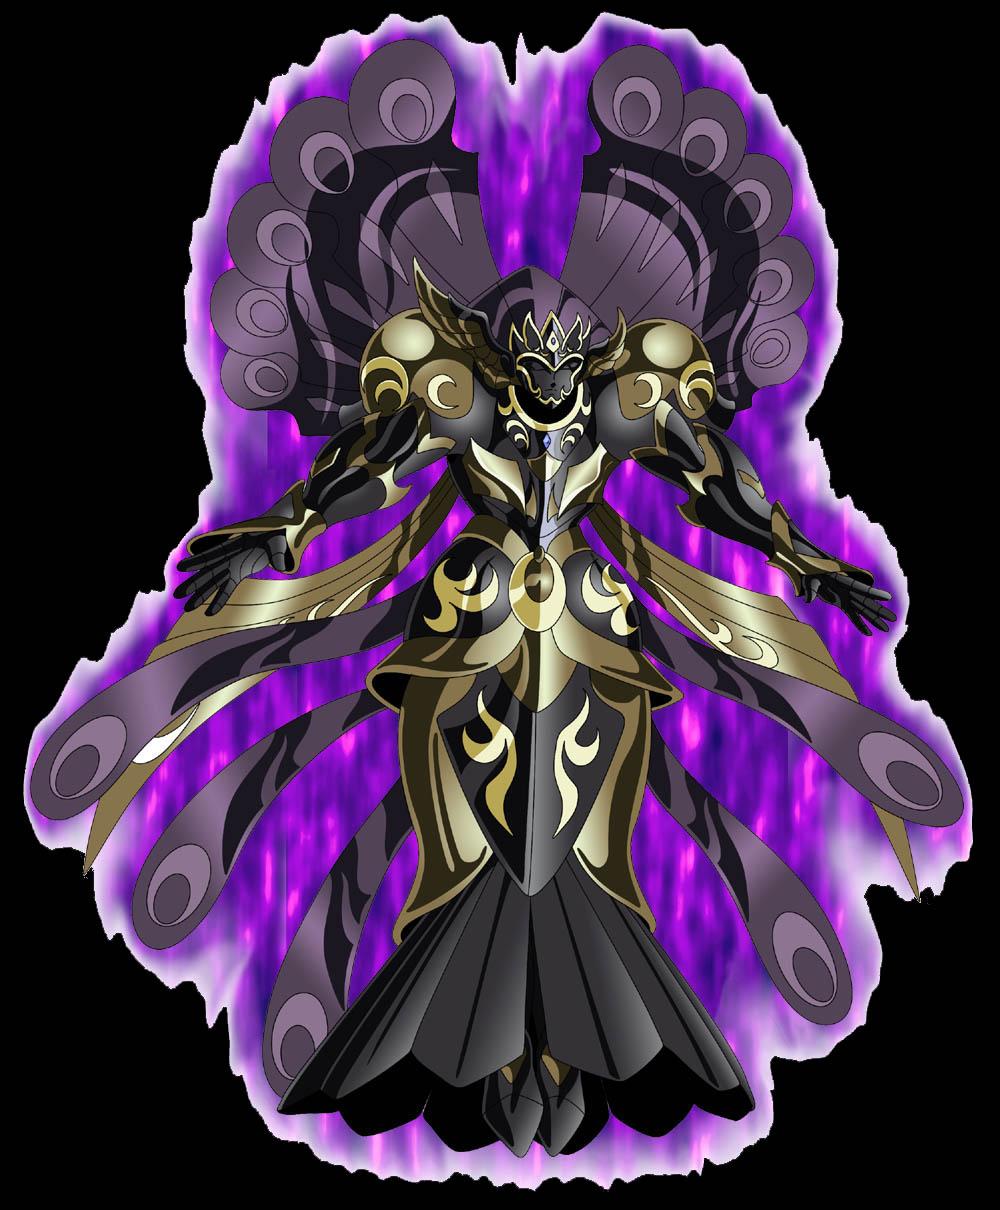 Reino de Hades: Jueces, Dioses Y Dios Hades Arman_virgo-hypnos